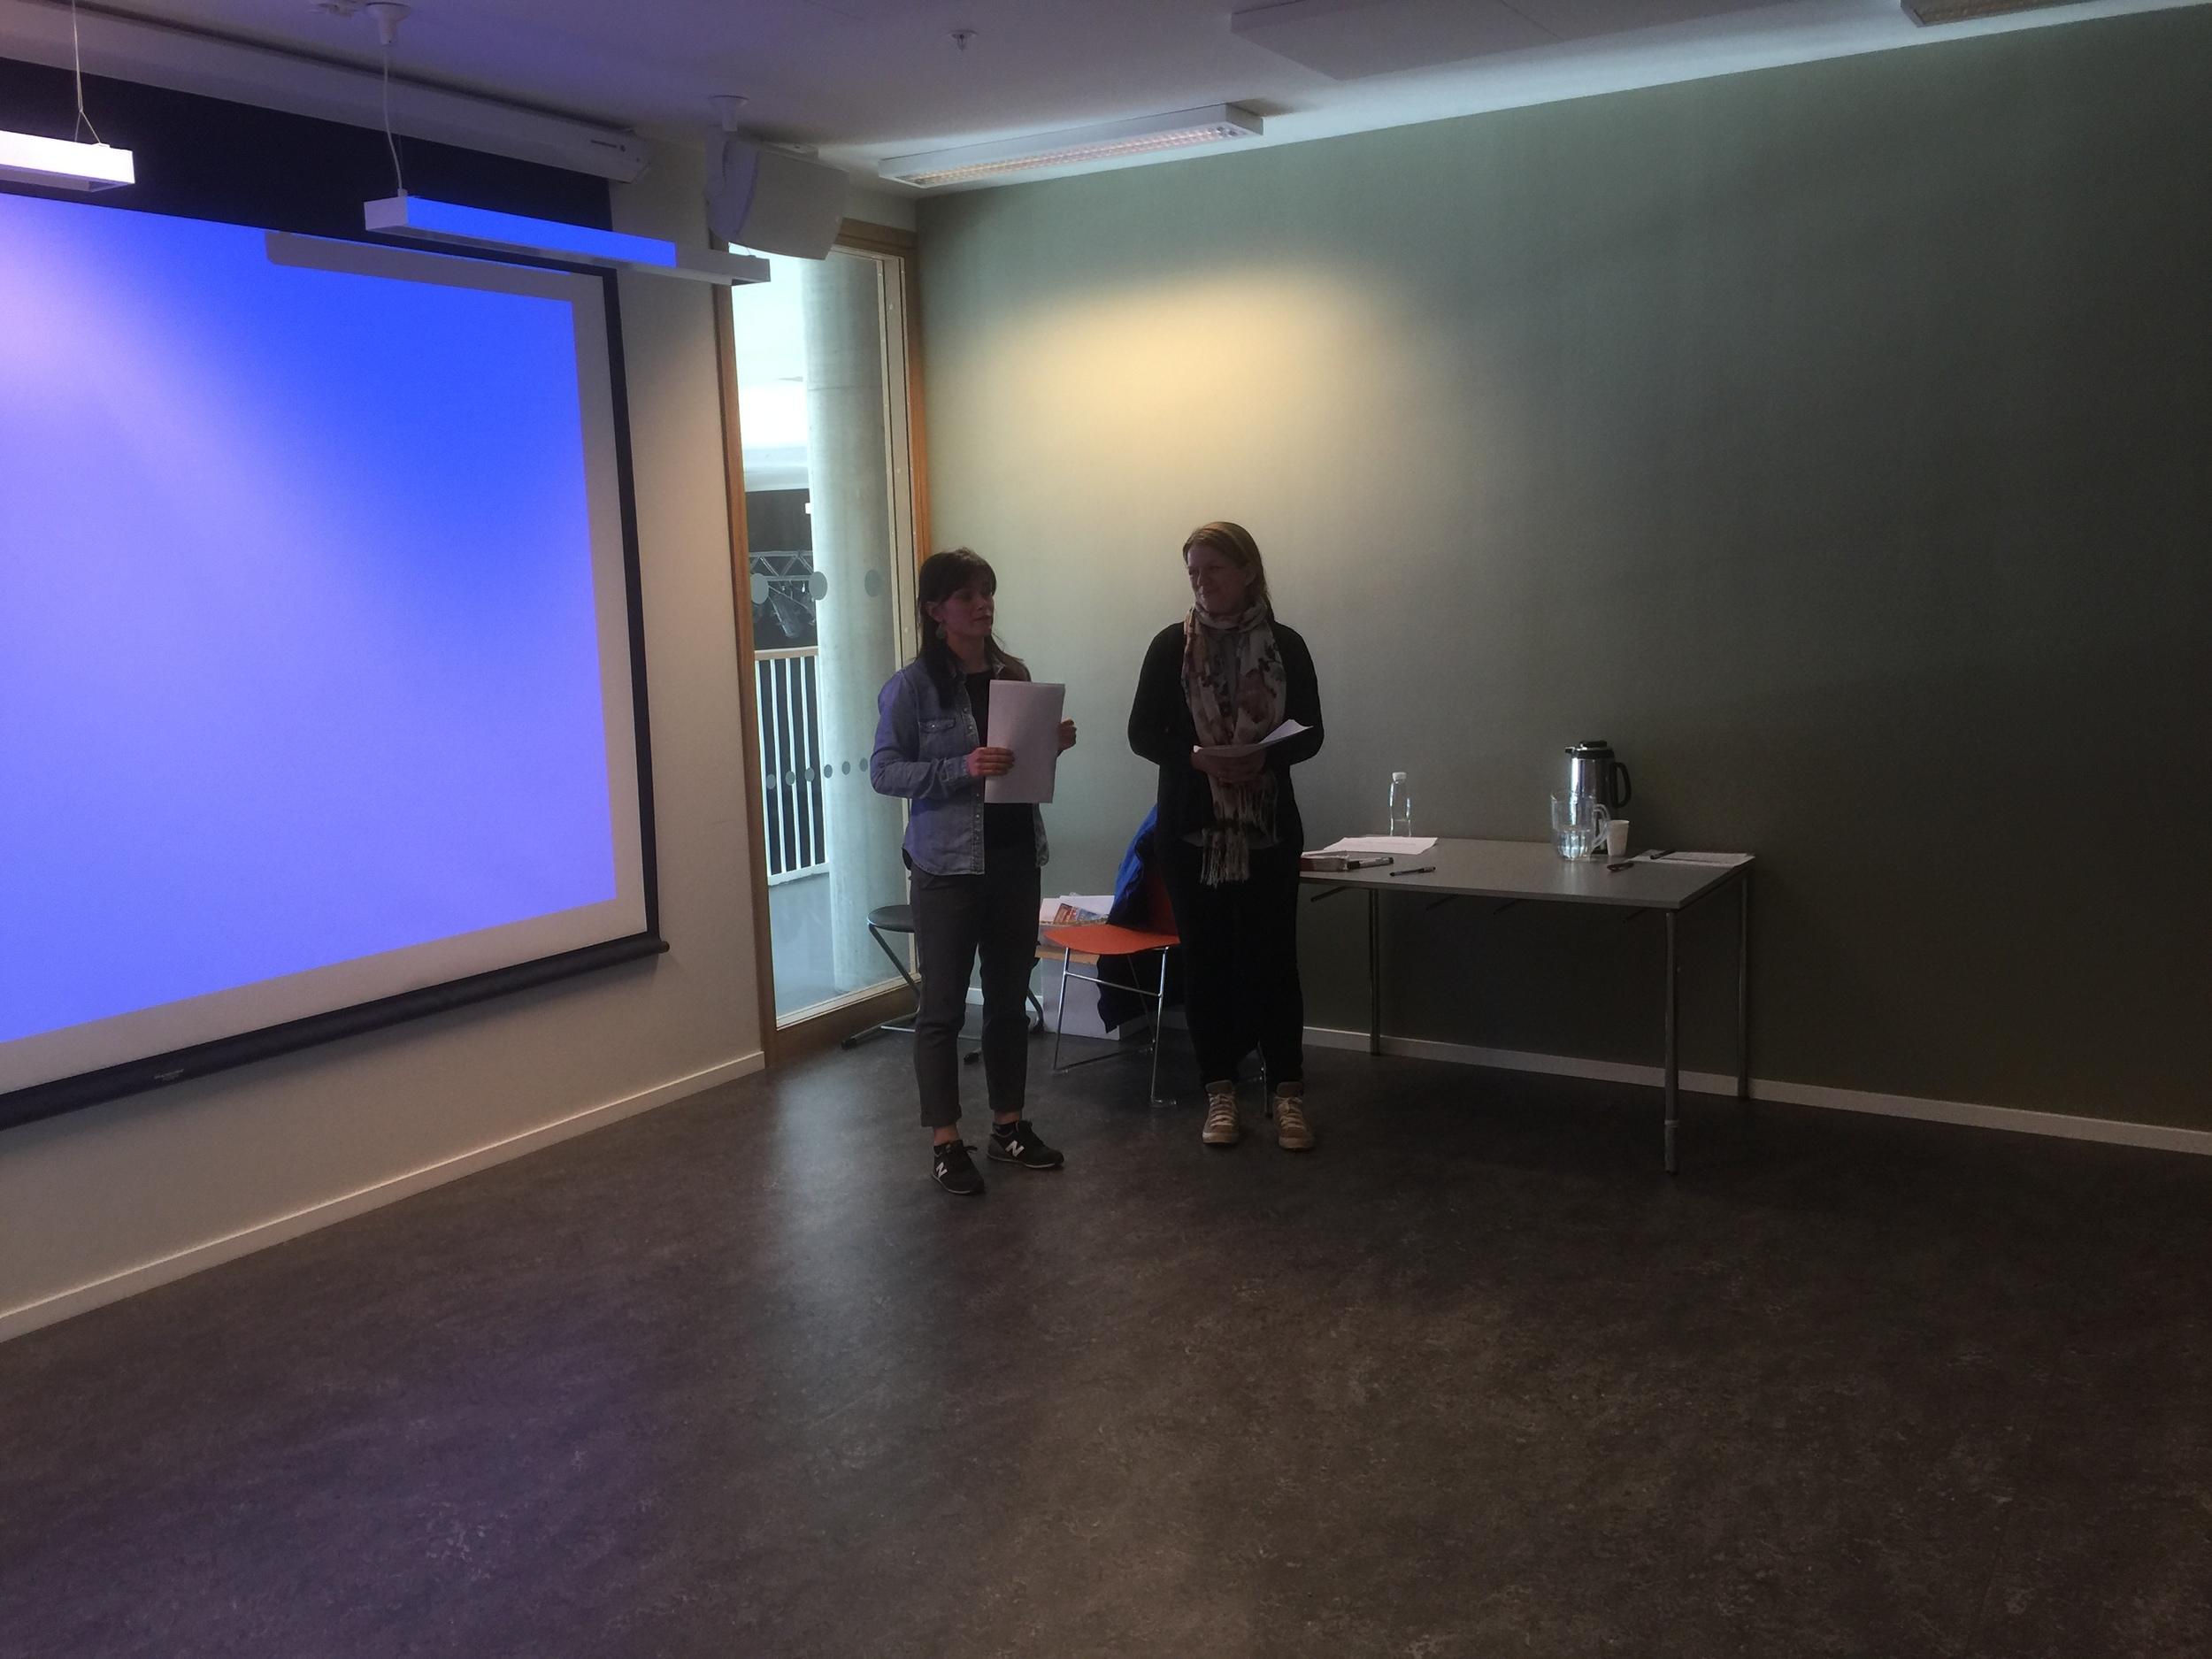 Stephanie Bang Munkvold fra opplæringskontoret for mat- og servicefag og Åslaug Hennissen fra OI Trøndersk mat og drikke as var to av jurymedlemmene, sammen med Kåre Presthus fra Ungt entreprenørskap.